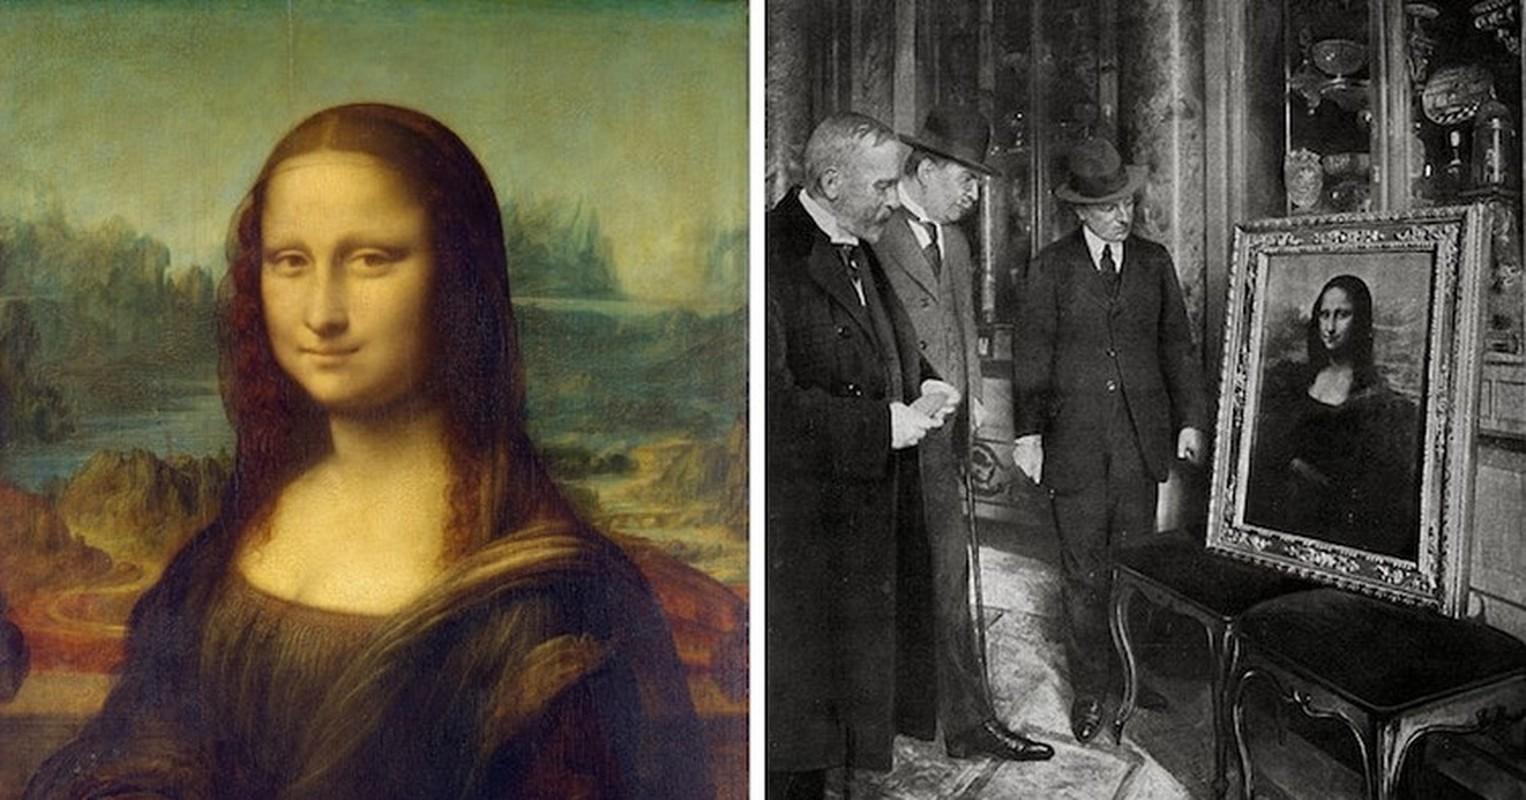 Chan dong: Nang Mona Lisa la nguoi tinh bi mat cua Leonardo da Vinci?-Hinh-5